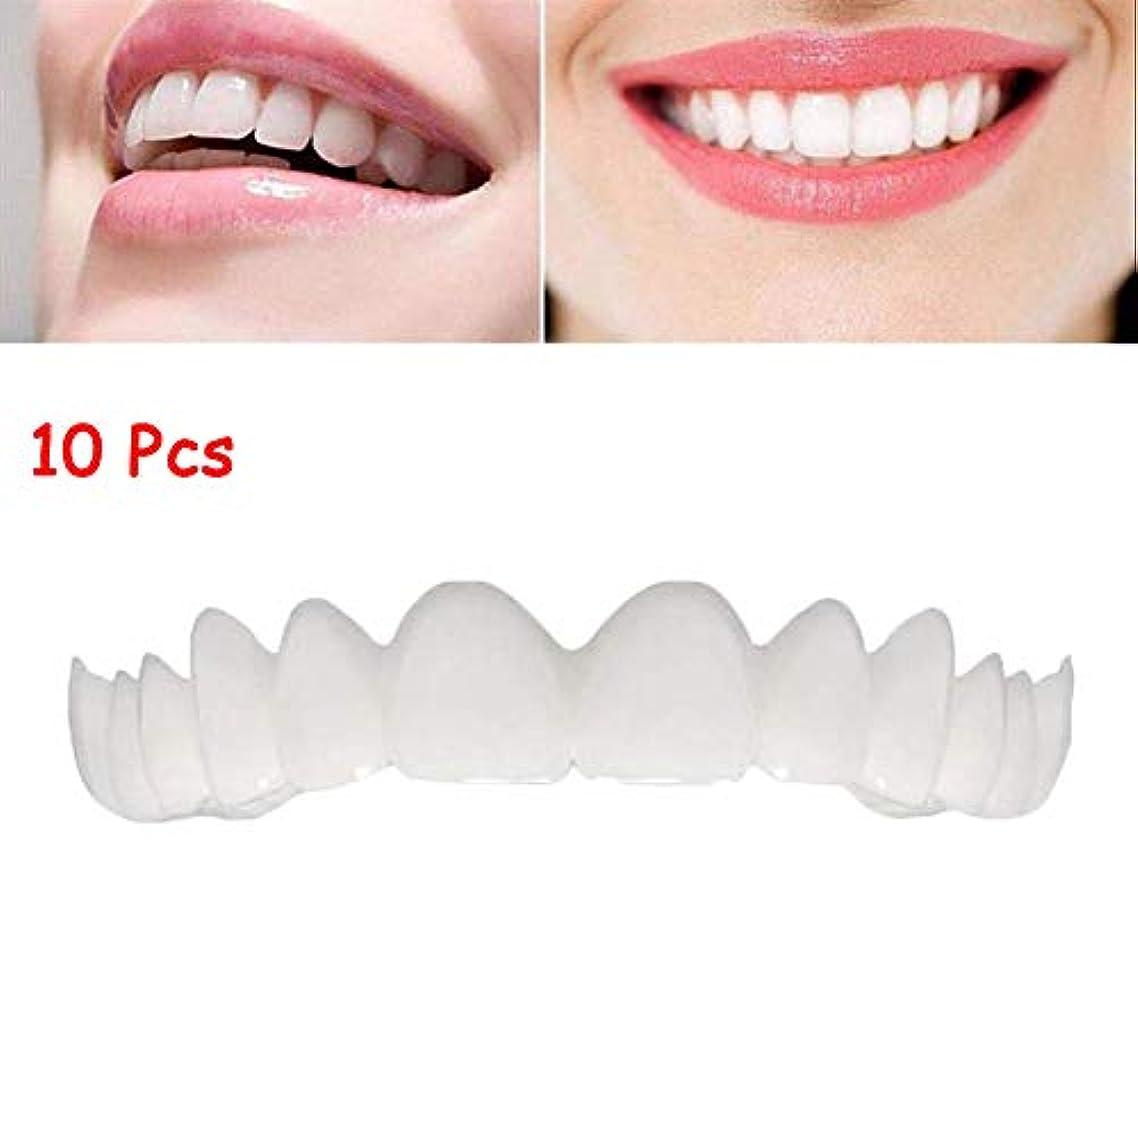 ベーカリーイル正確に10個の一時的な化粧品の歯の義歯は歯を白くするブレースを模擬